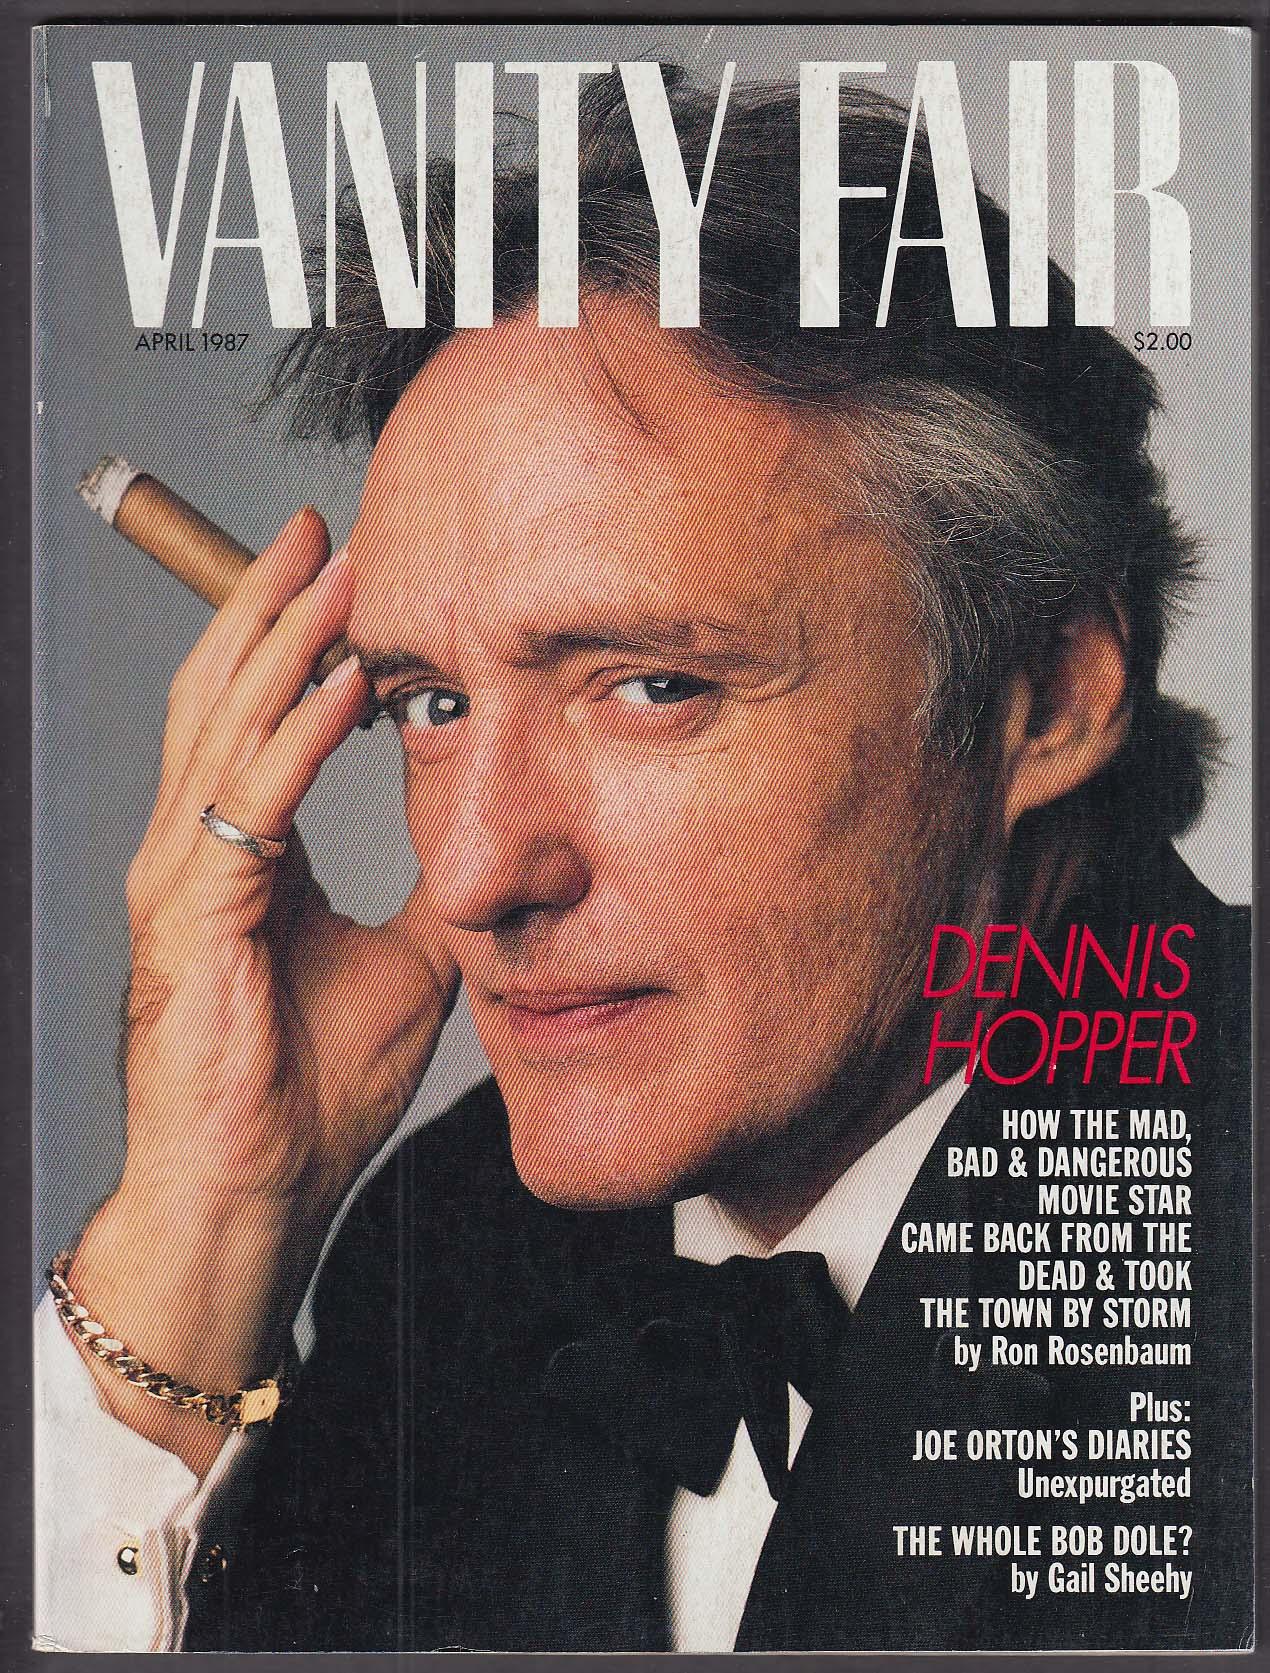 Image for VANITY FAIR Dennis Hopper Joe Orton's Diaries 4 1987